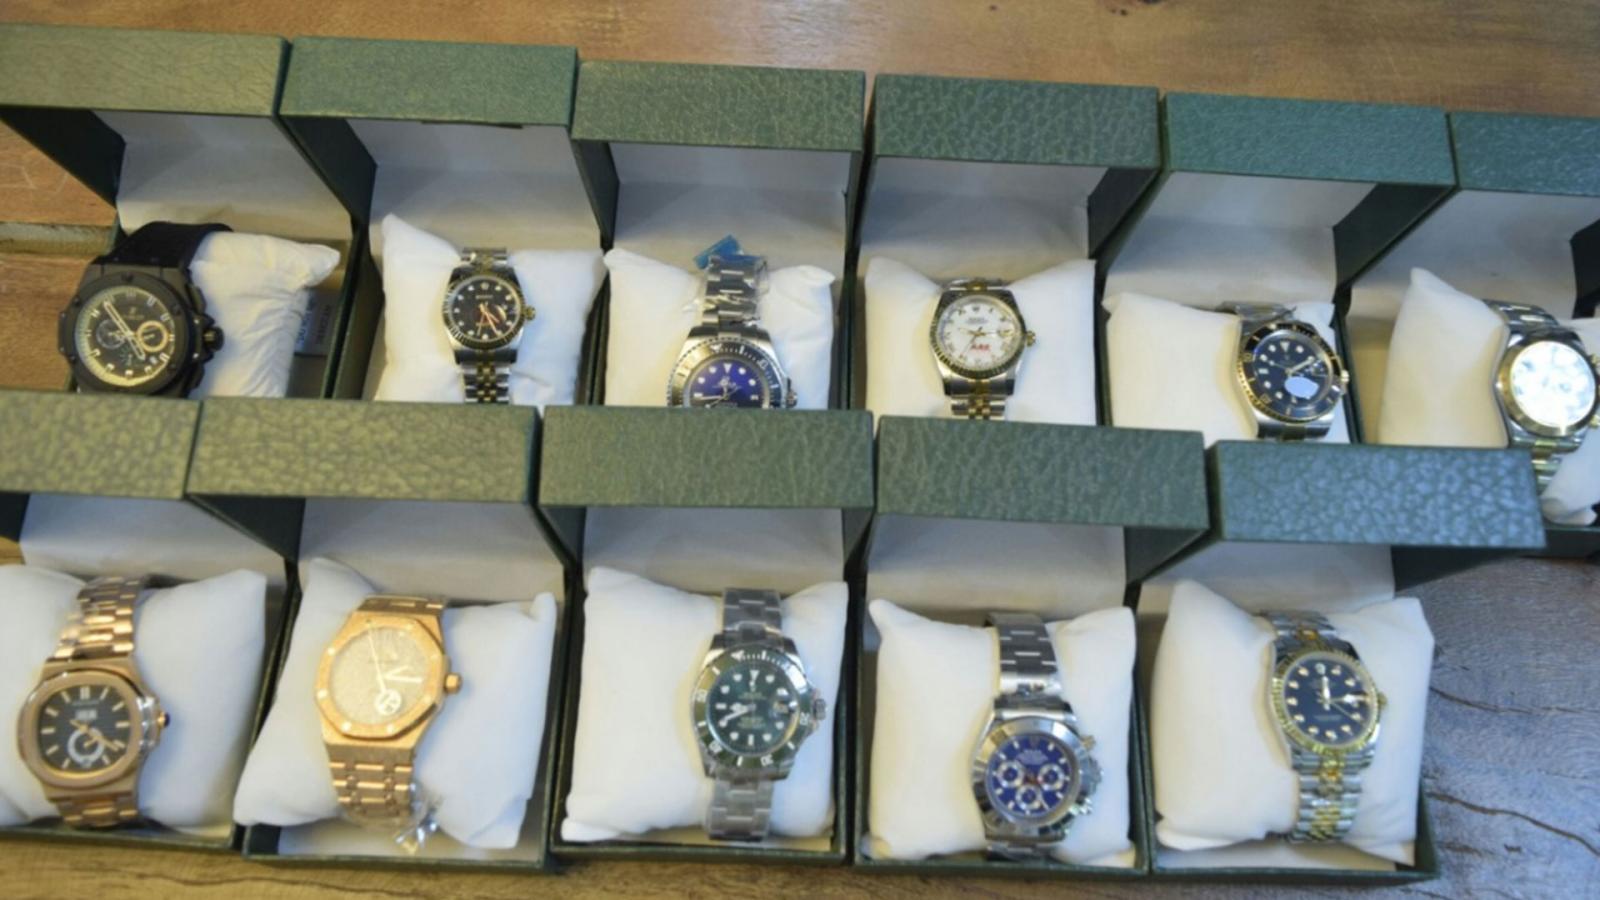 รวบหนุ่มอังกฤษลอบขายนาฬิกาเก๊ก็อปปี้แบรนด์ดัง สารภาพรับมา 500 บาทขายต่อ 12,000 บาท